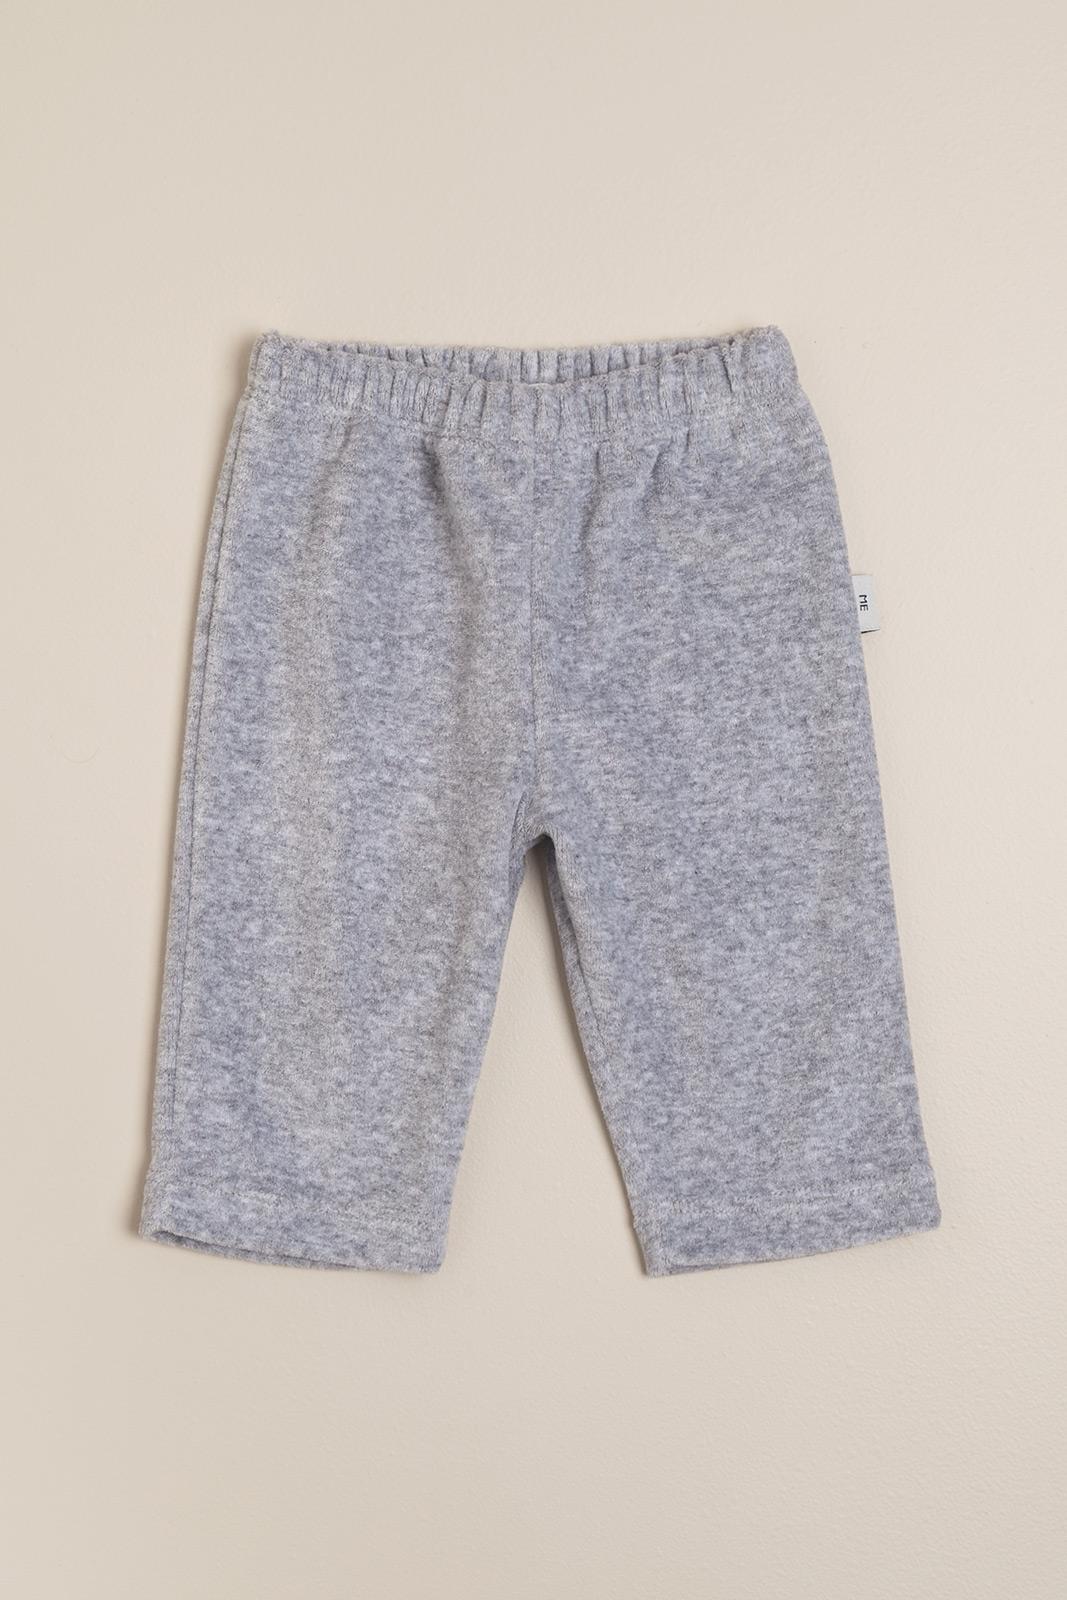 Pantalon de plush gris